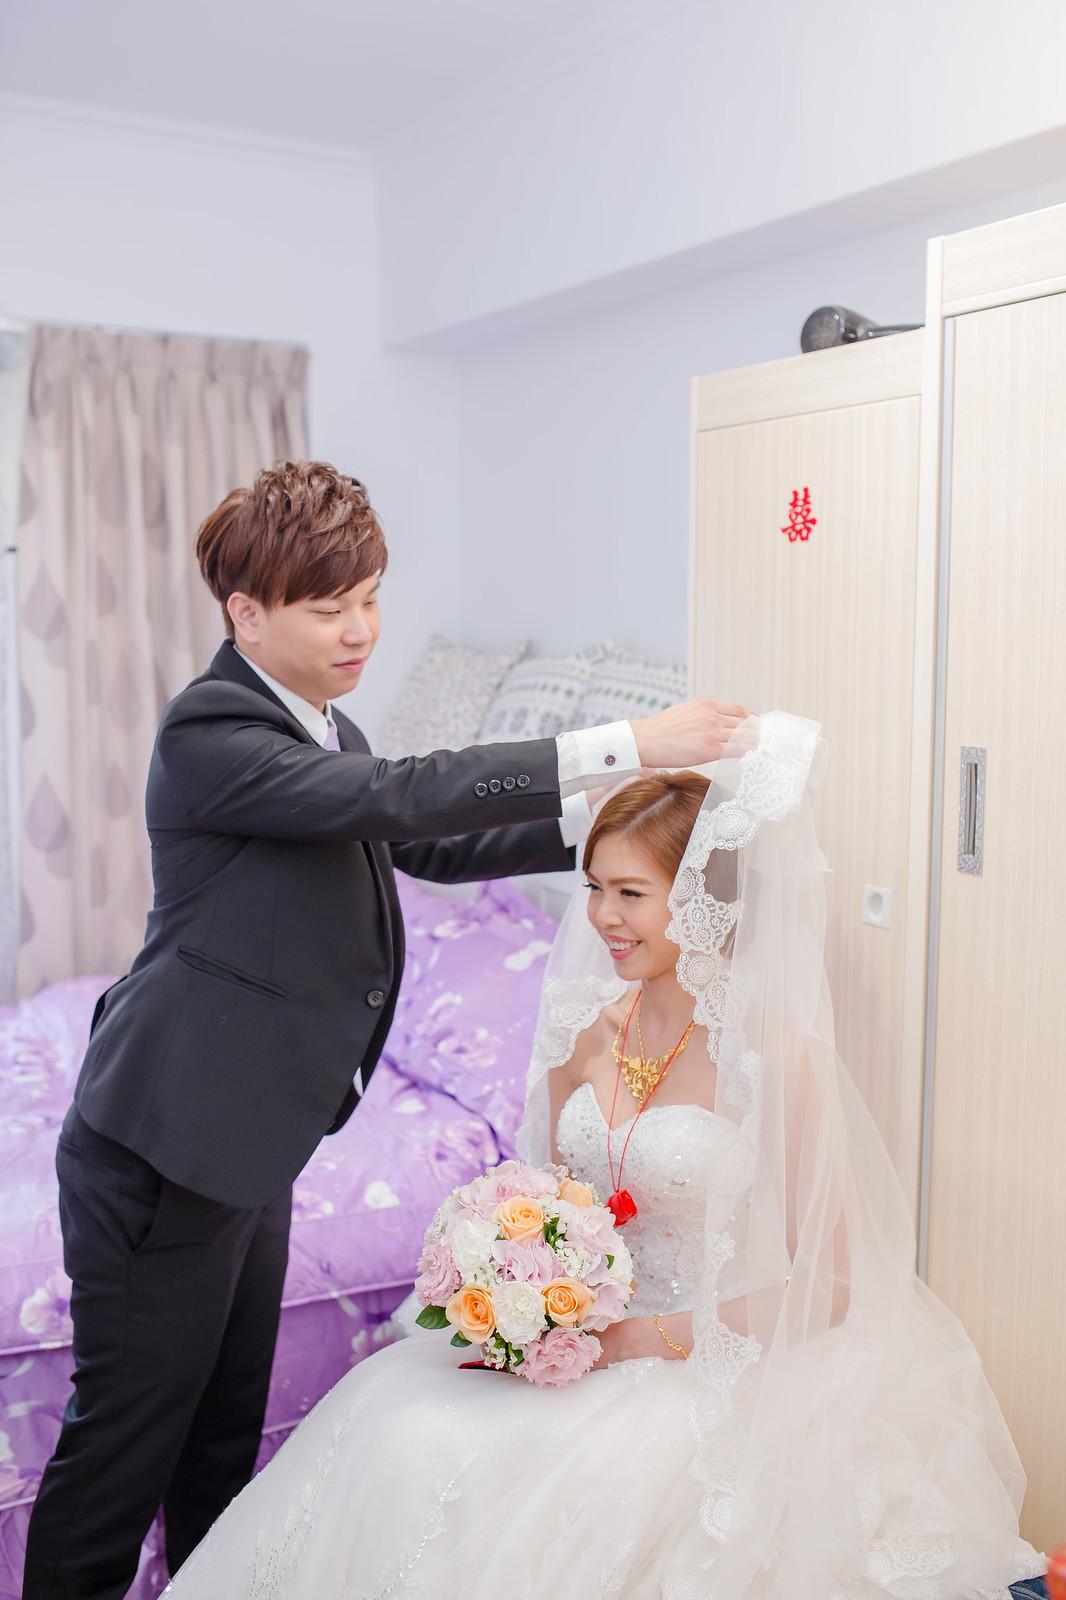 結婚儀式精選-96